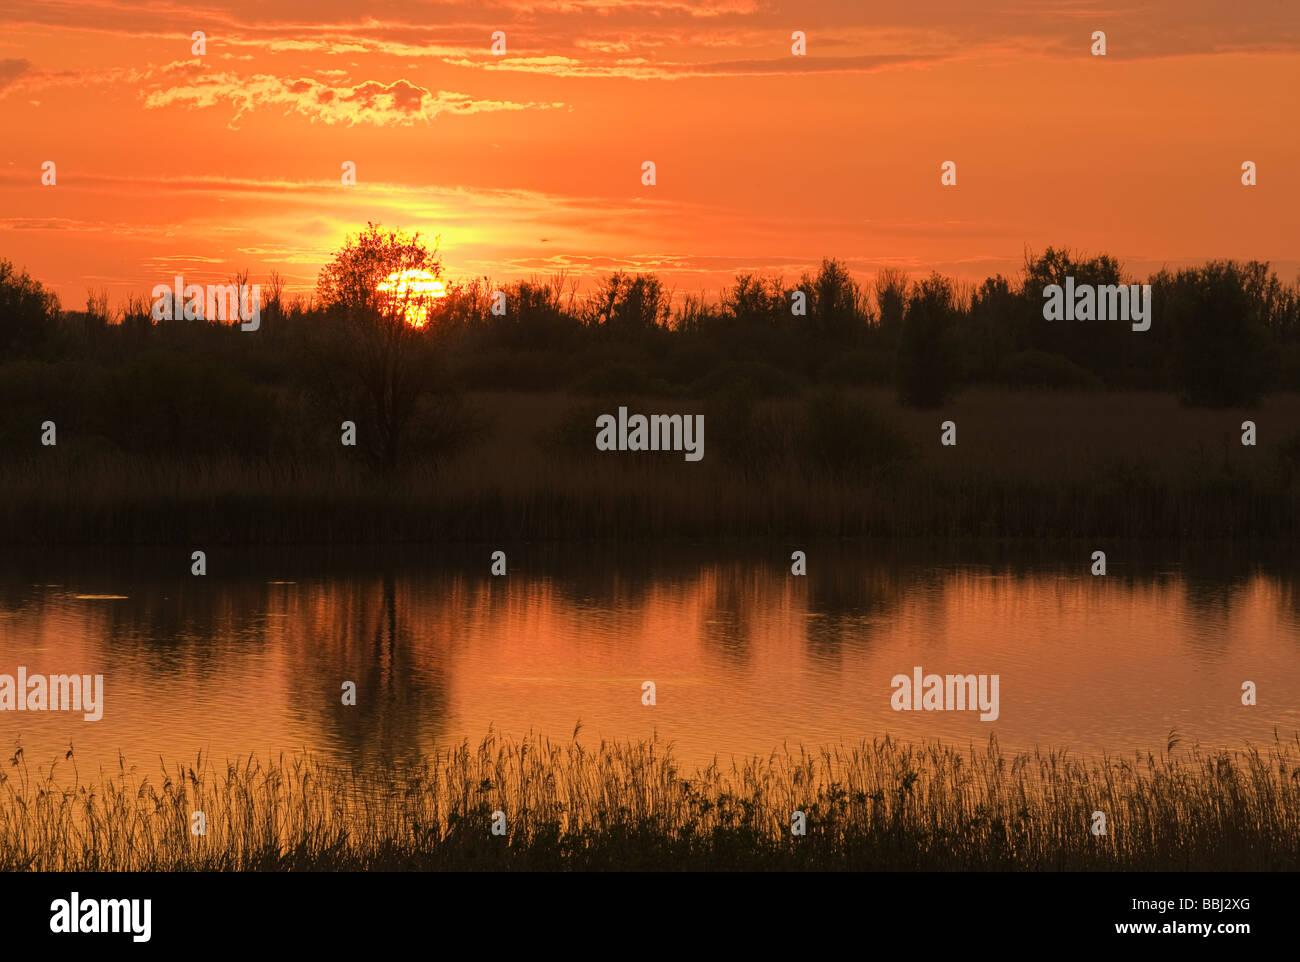 Oostvaardersplassen, Netherlands - Stock Image